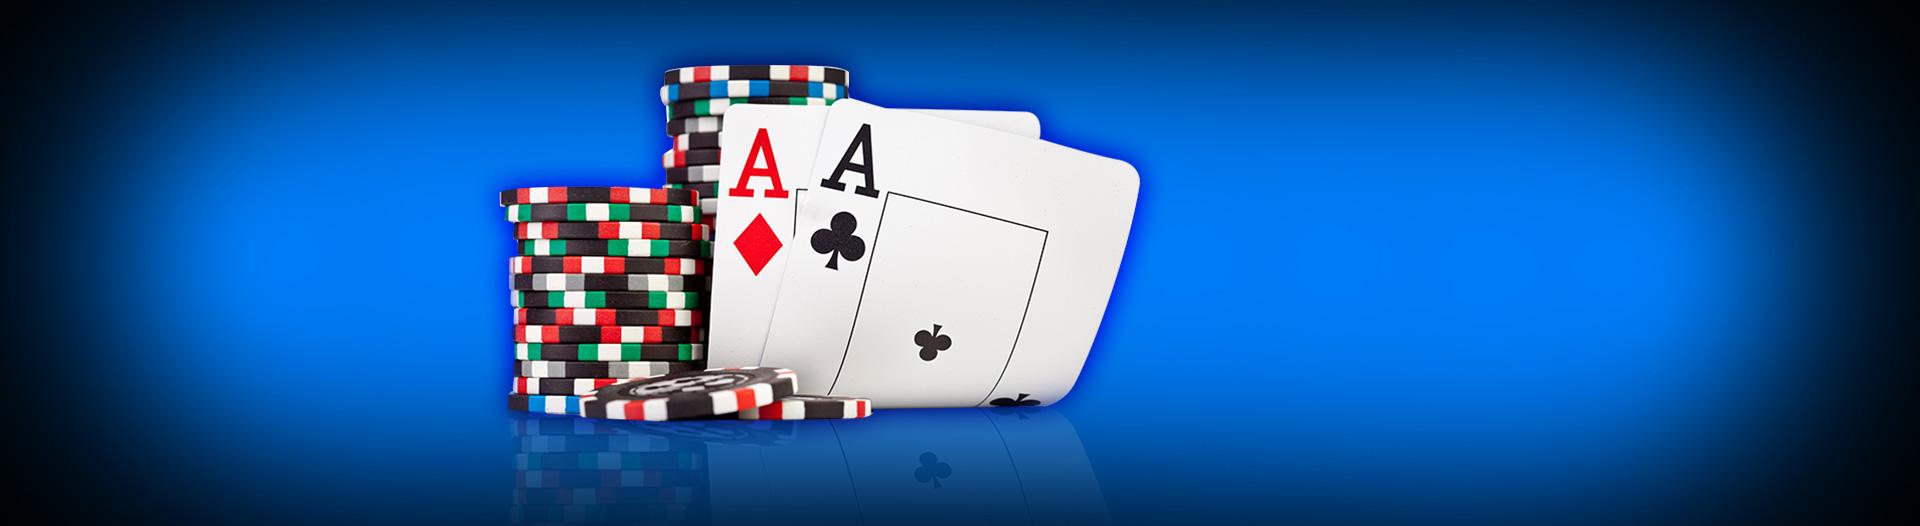 Poker en Portugal 888 jugar sin descargar - 78668